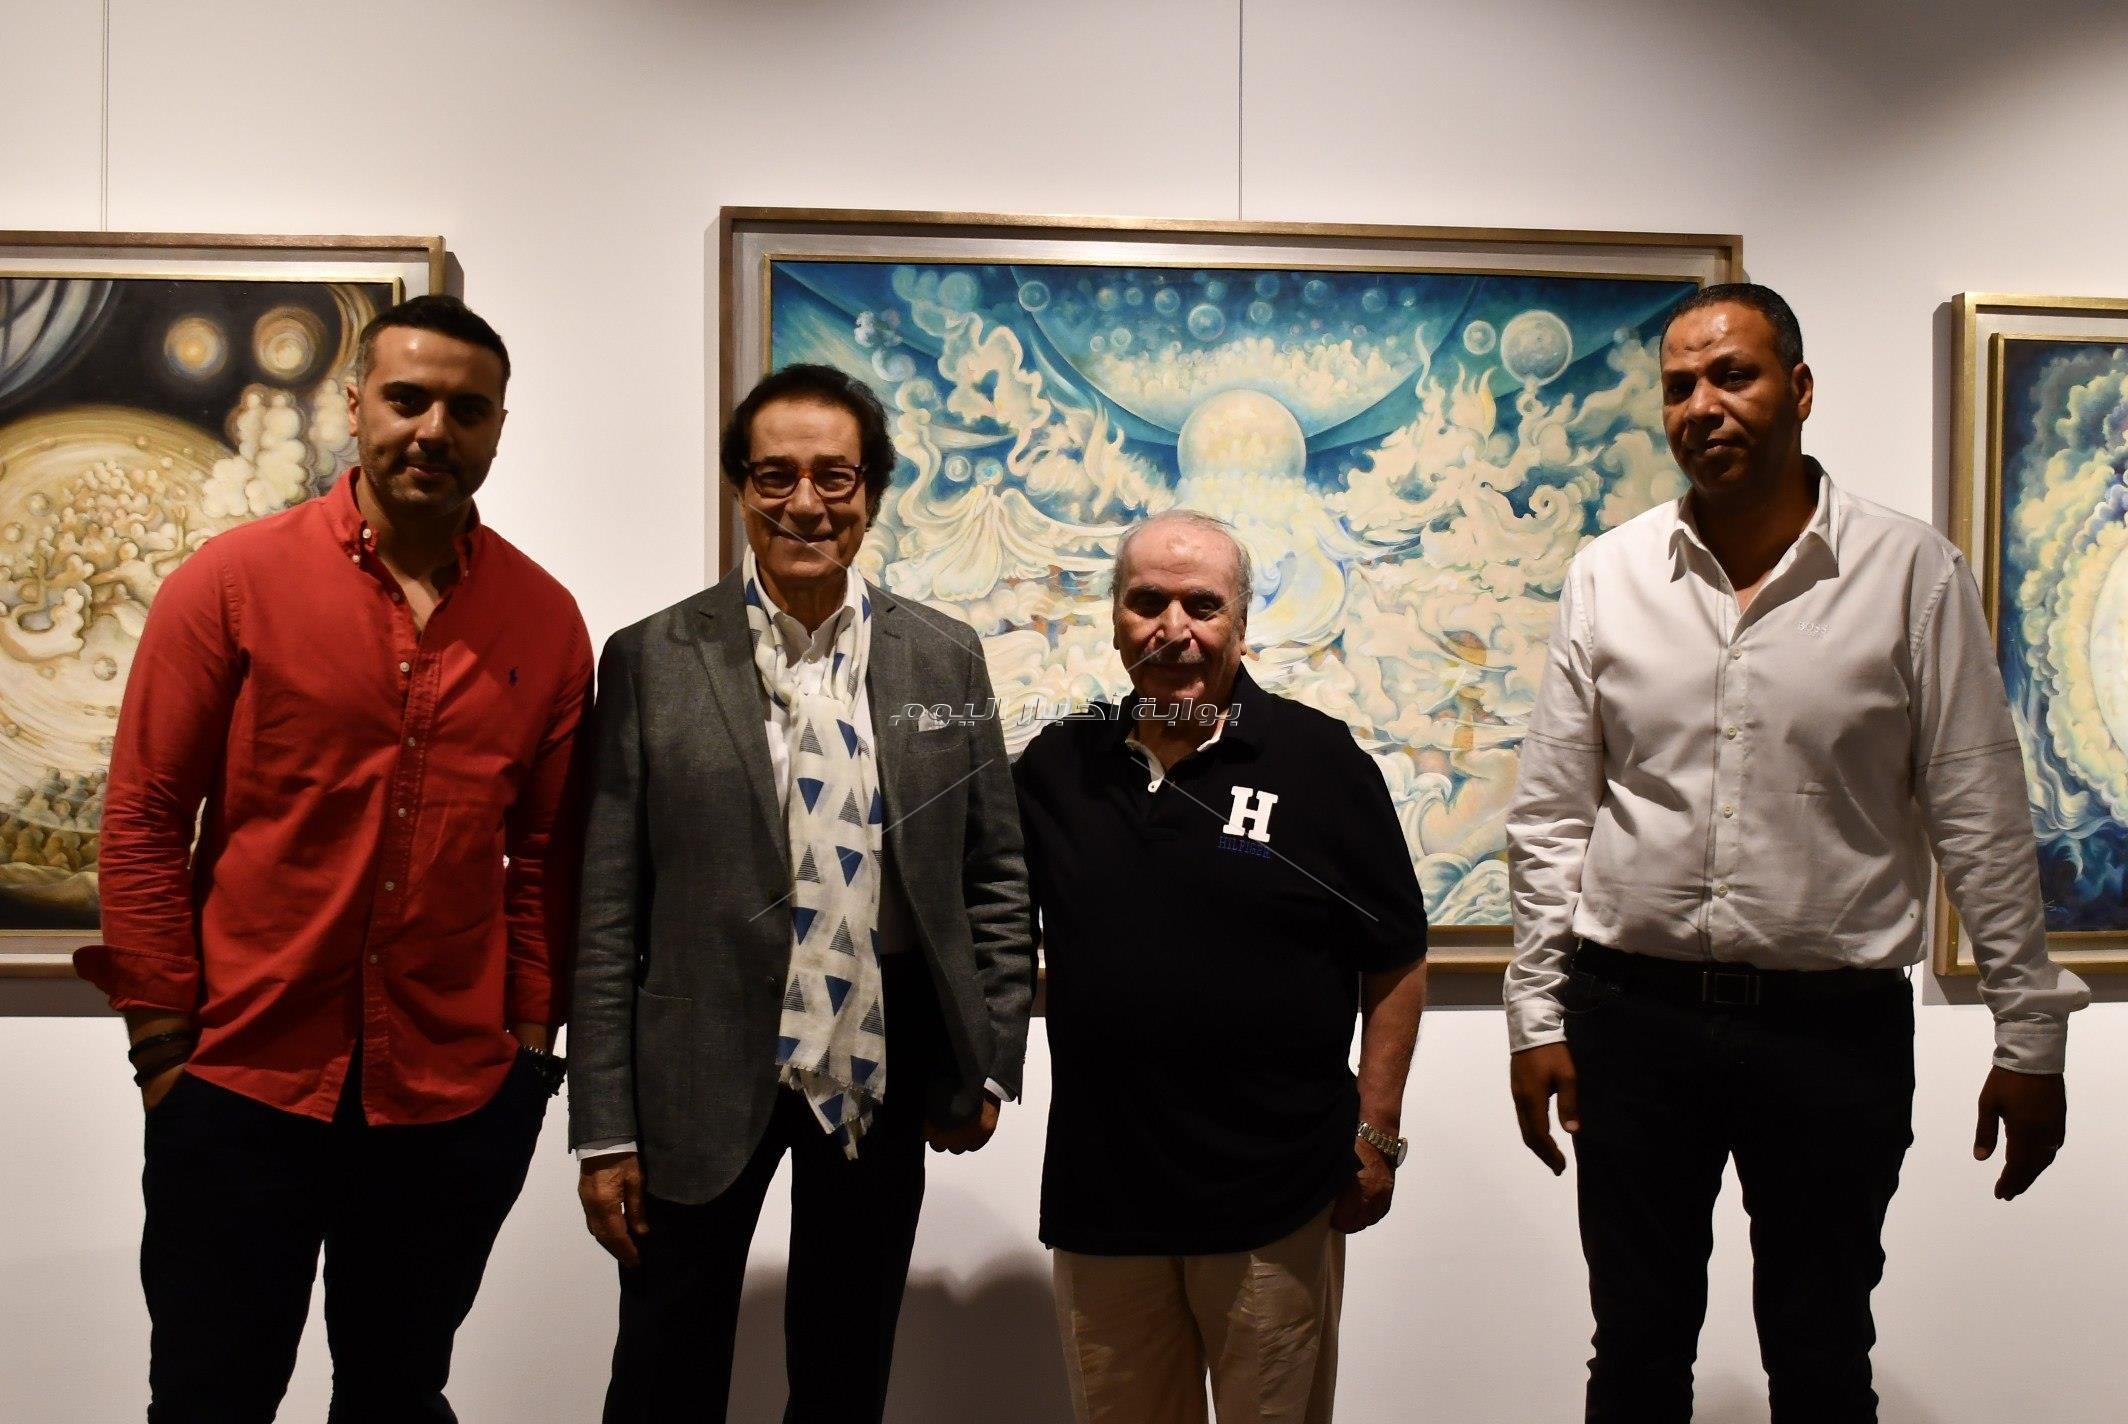 فاروق حسني يحضر معرض «الروح والذات» للفنان محمد فريد